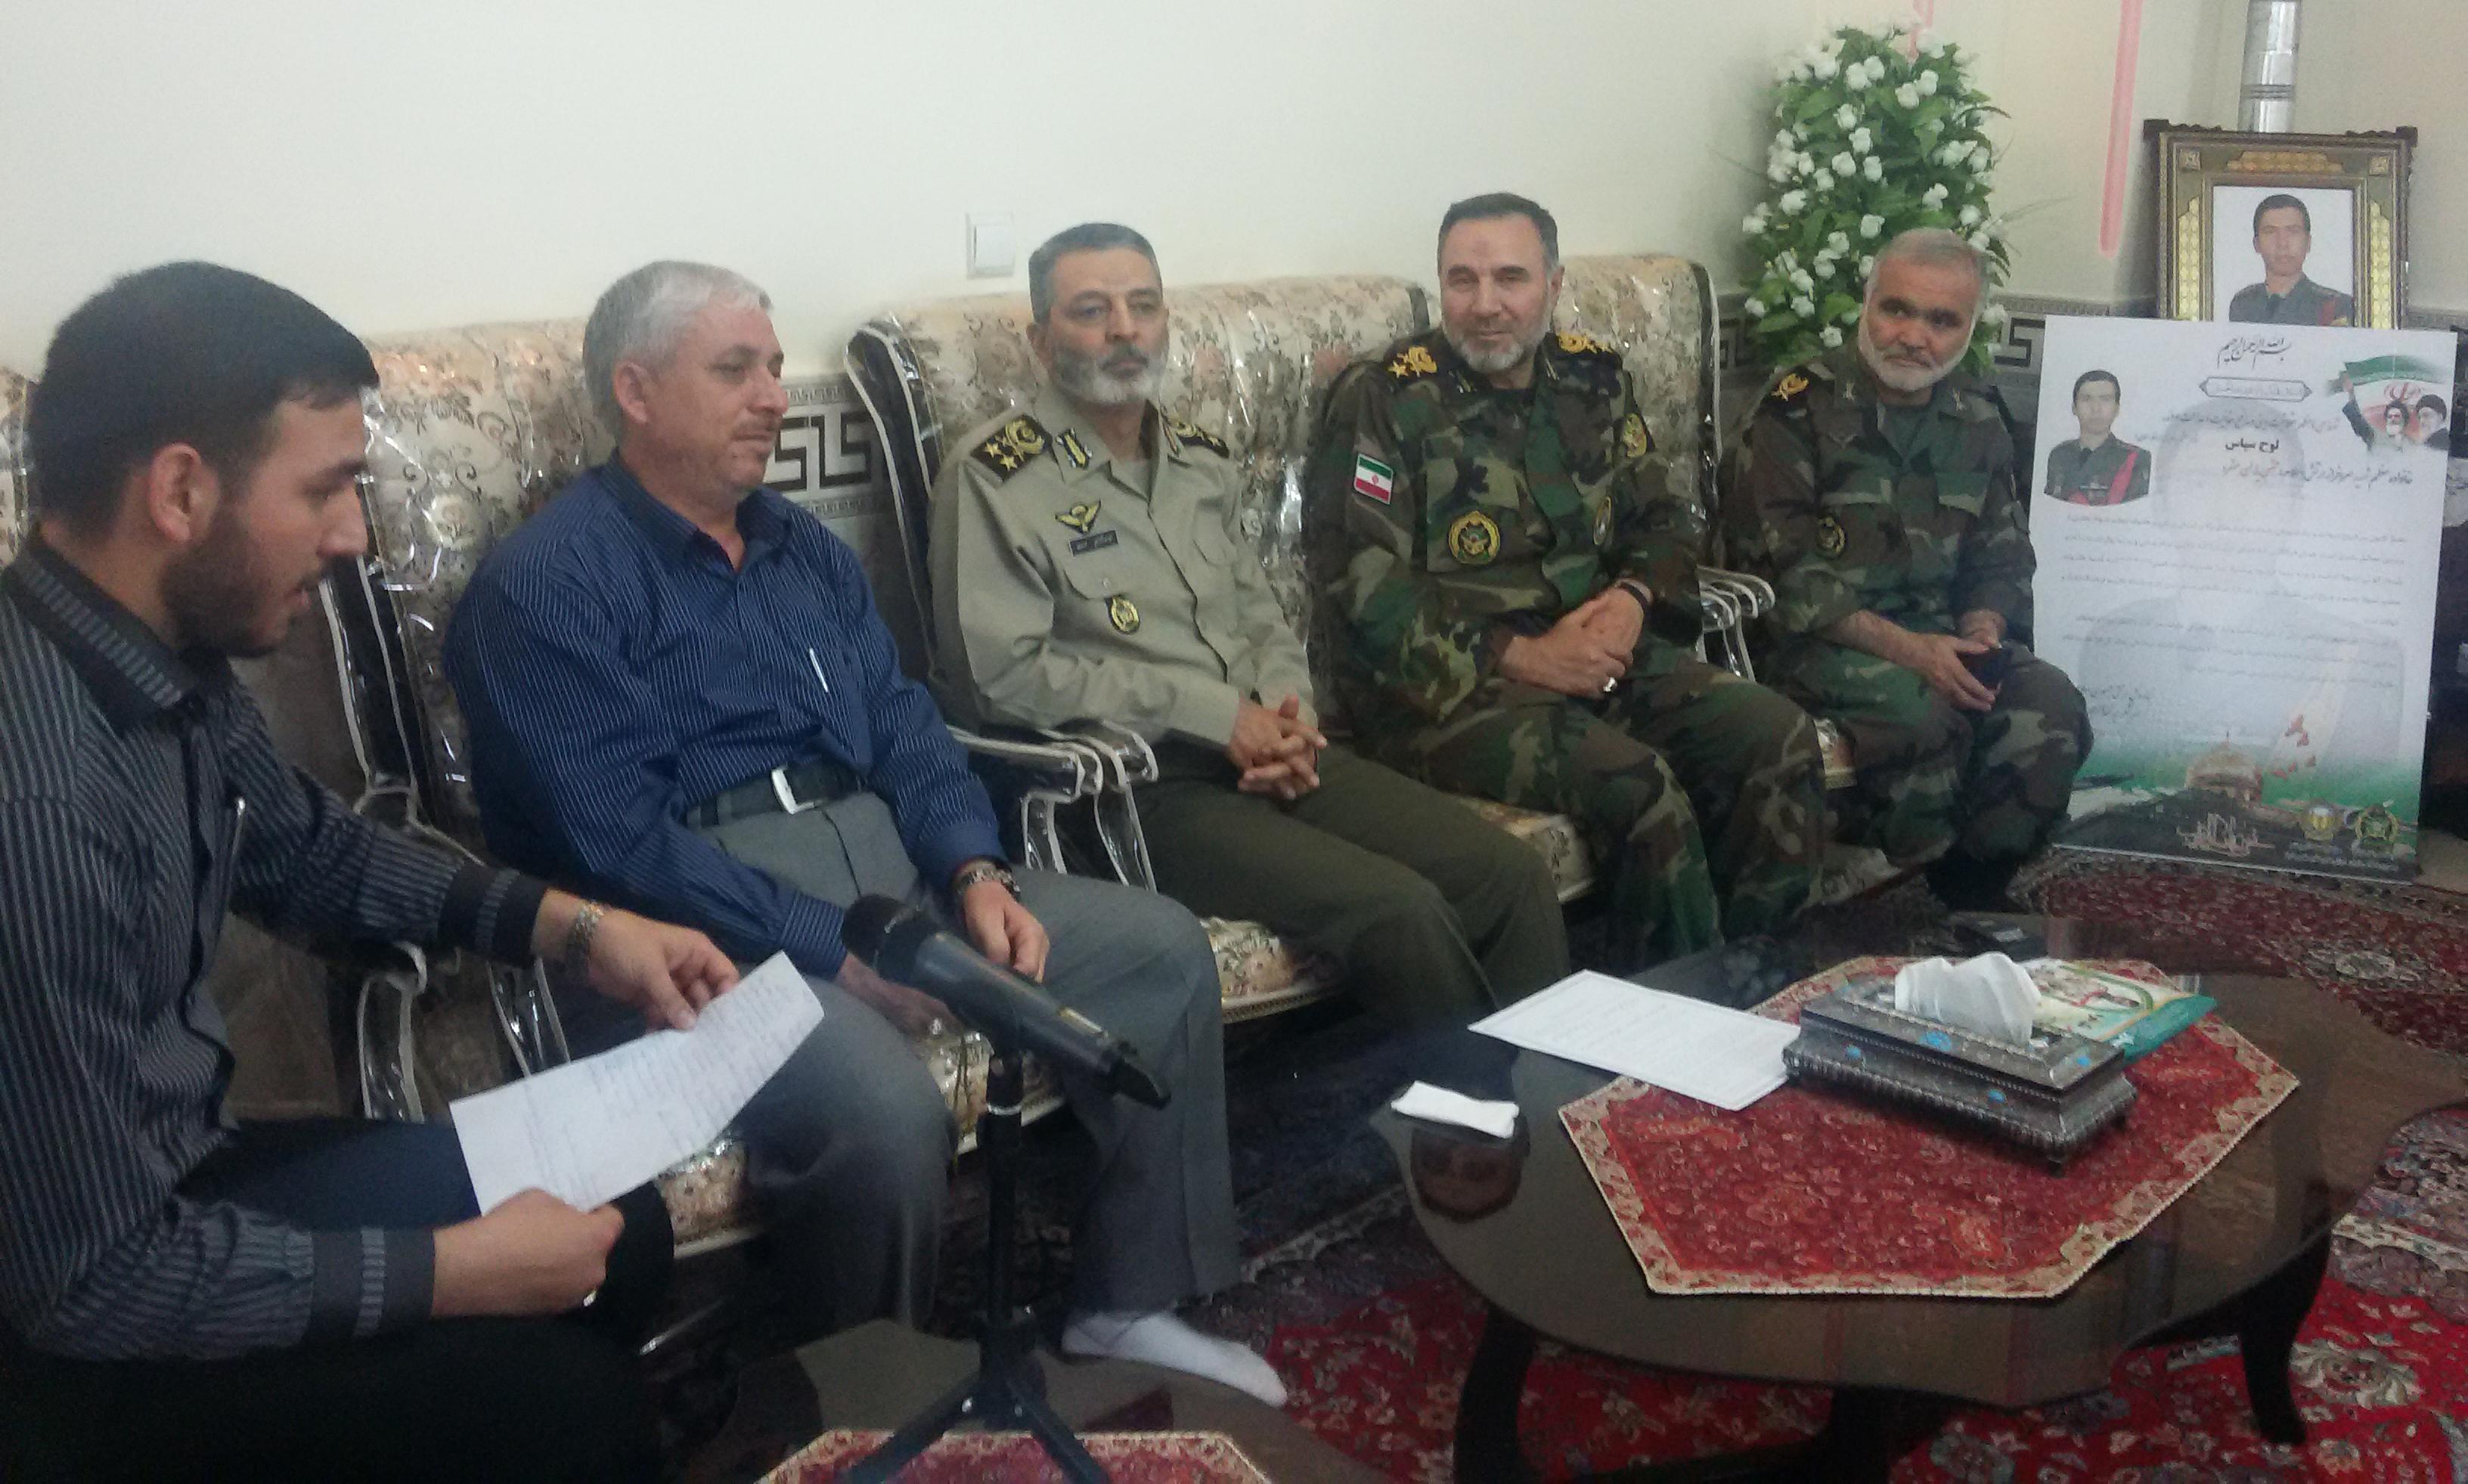 دیدار فرمانده کل ارتش با خانواده شهدای مدافع حرم